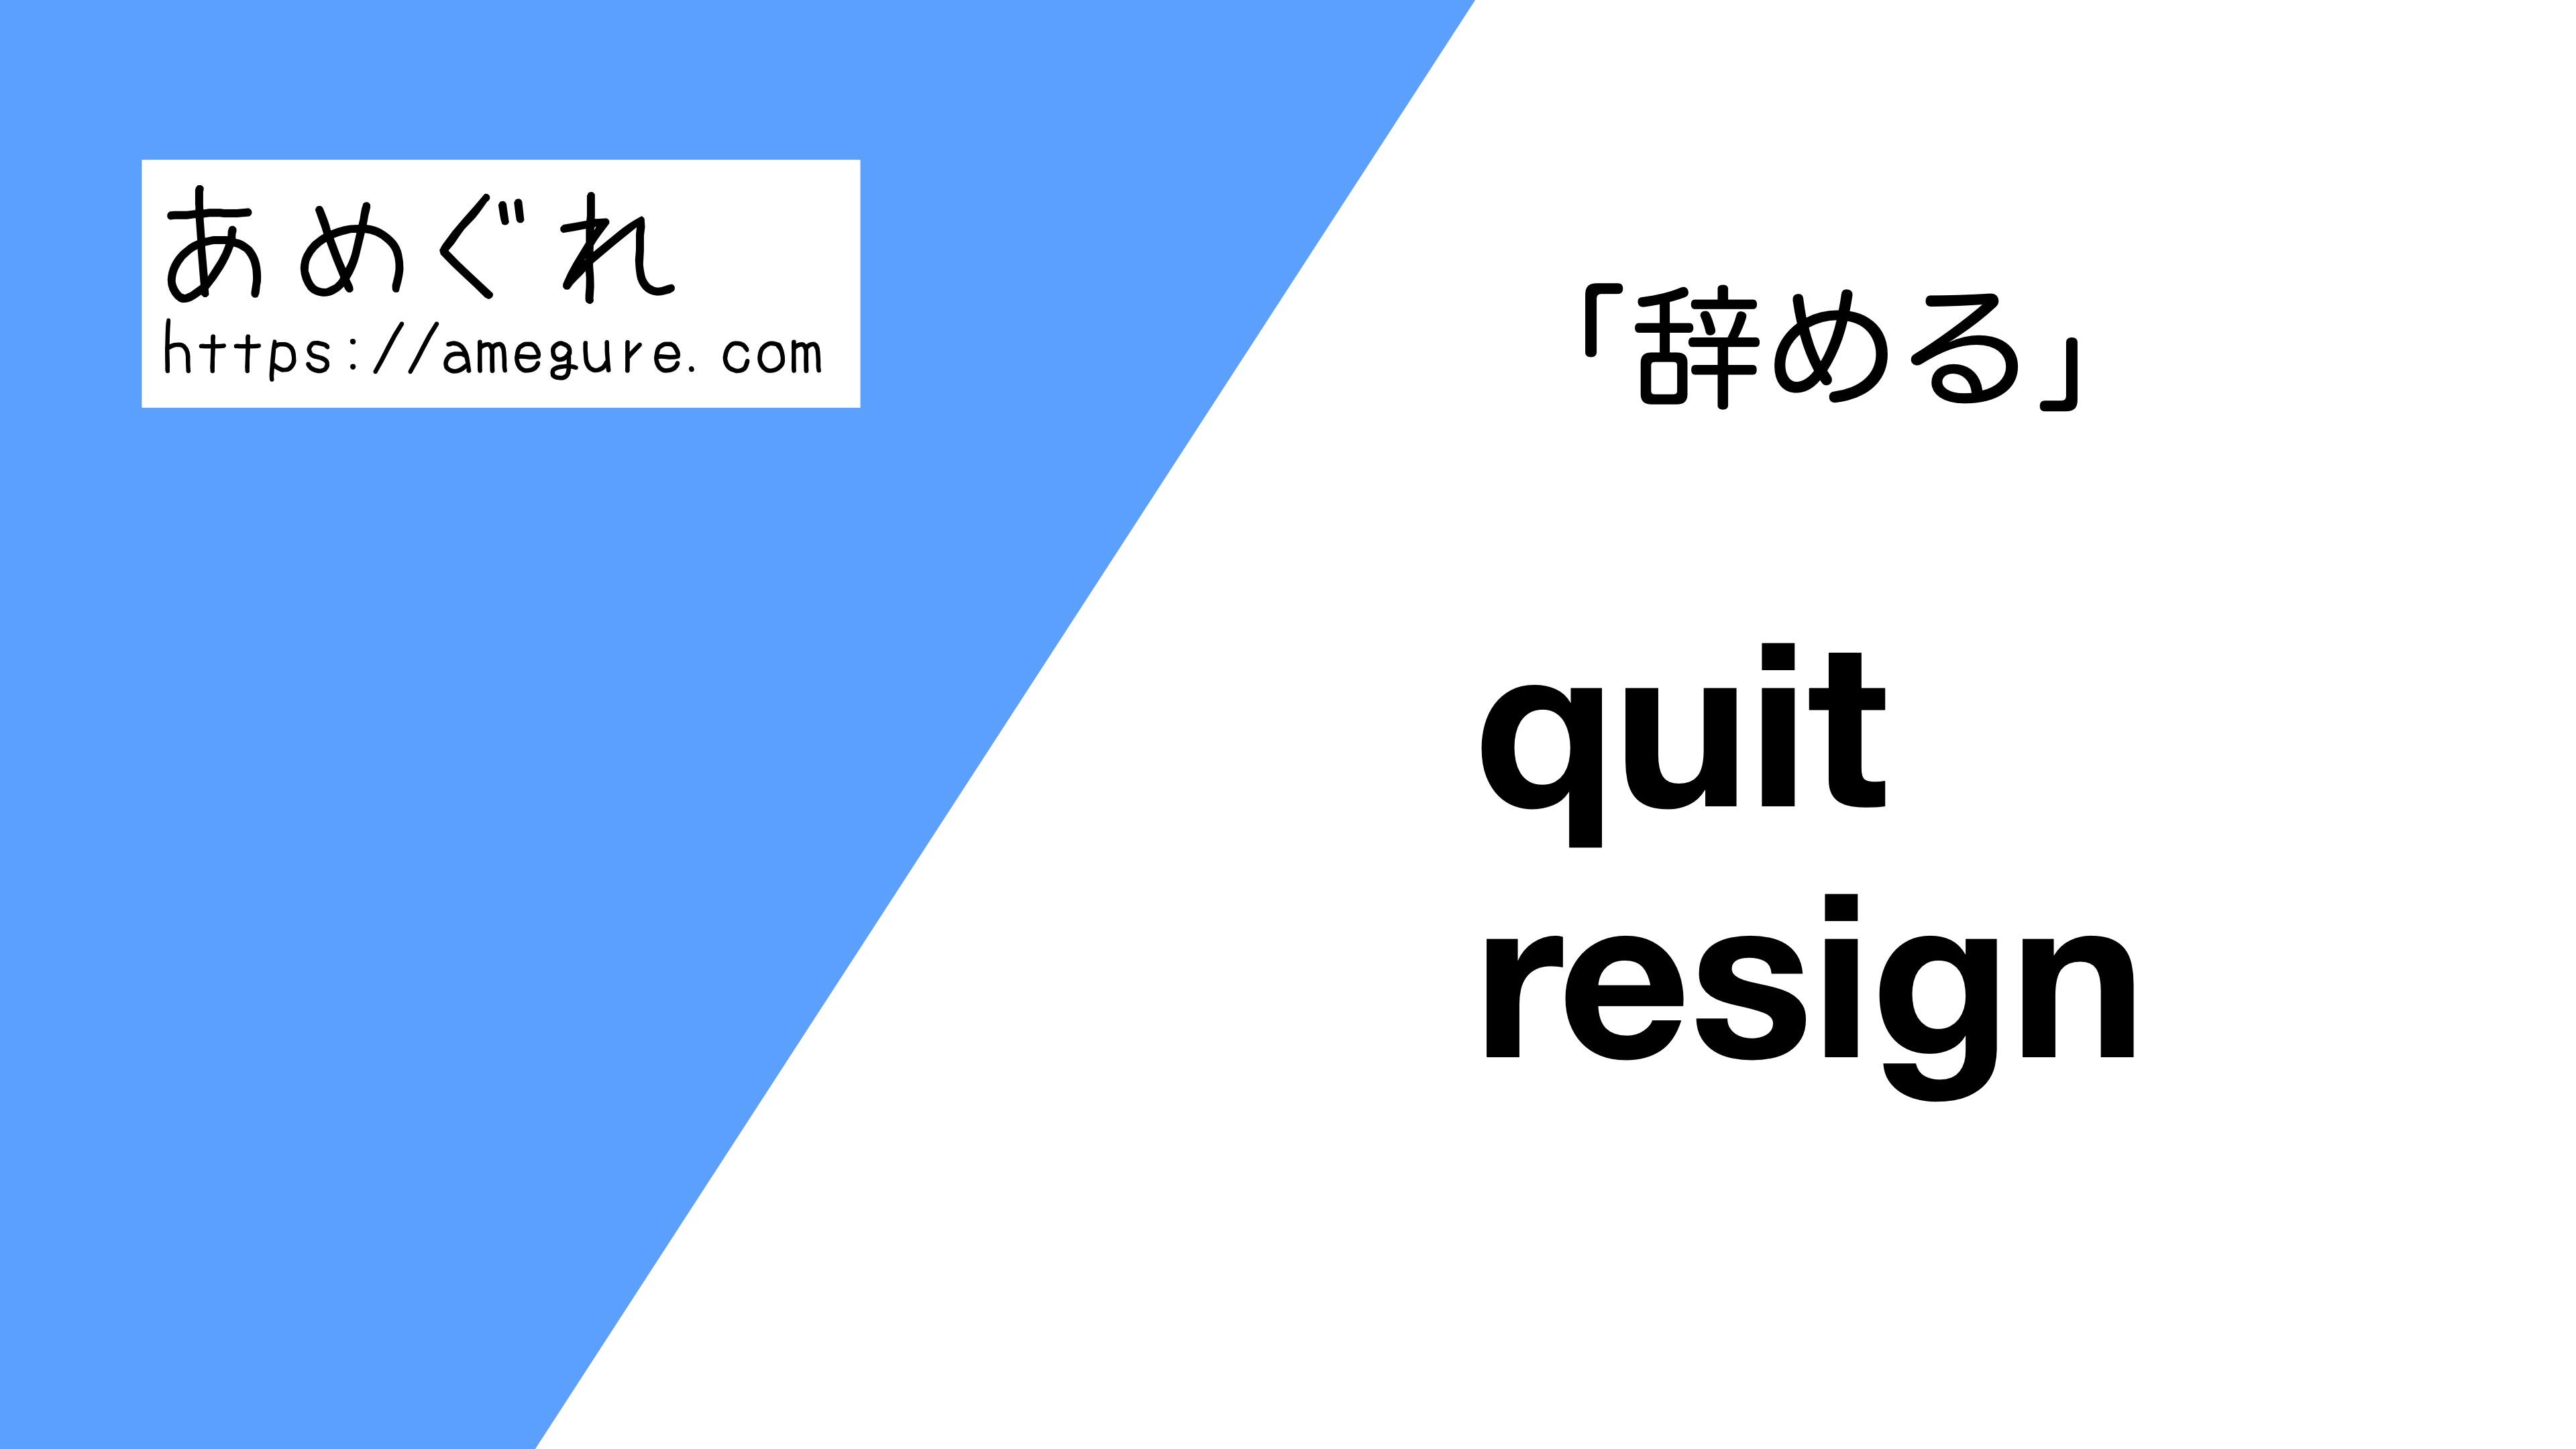 quit-resign違い